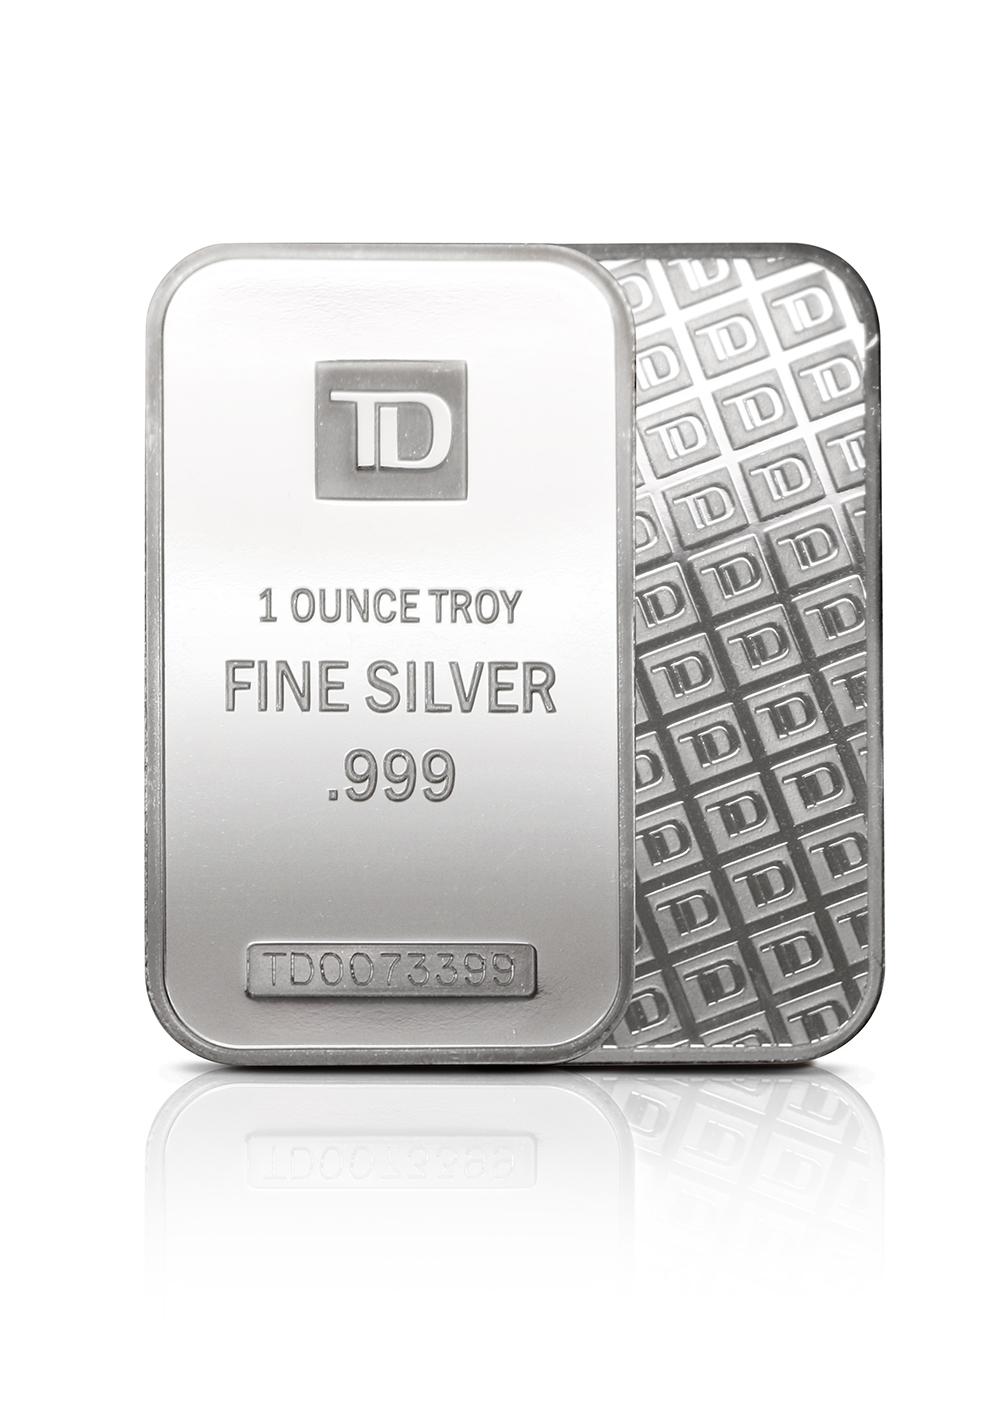 1oz TD silver bar